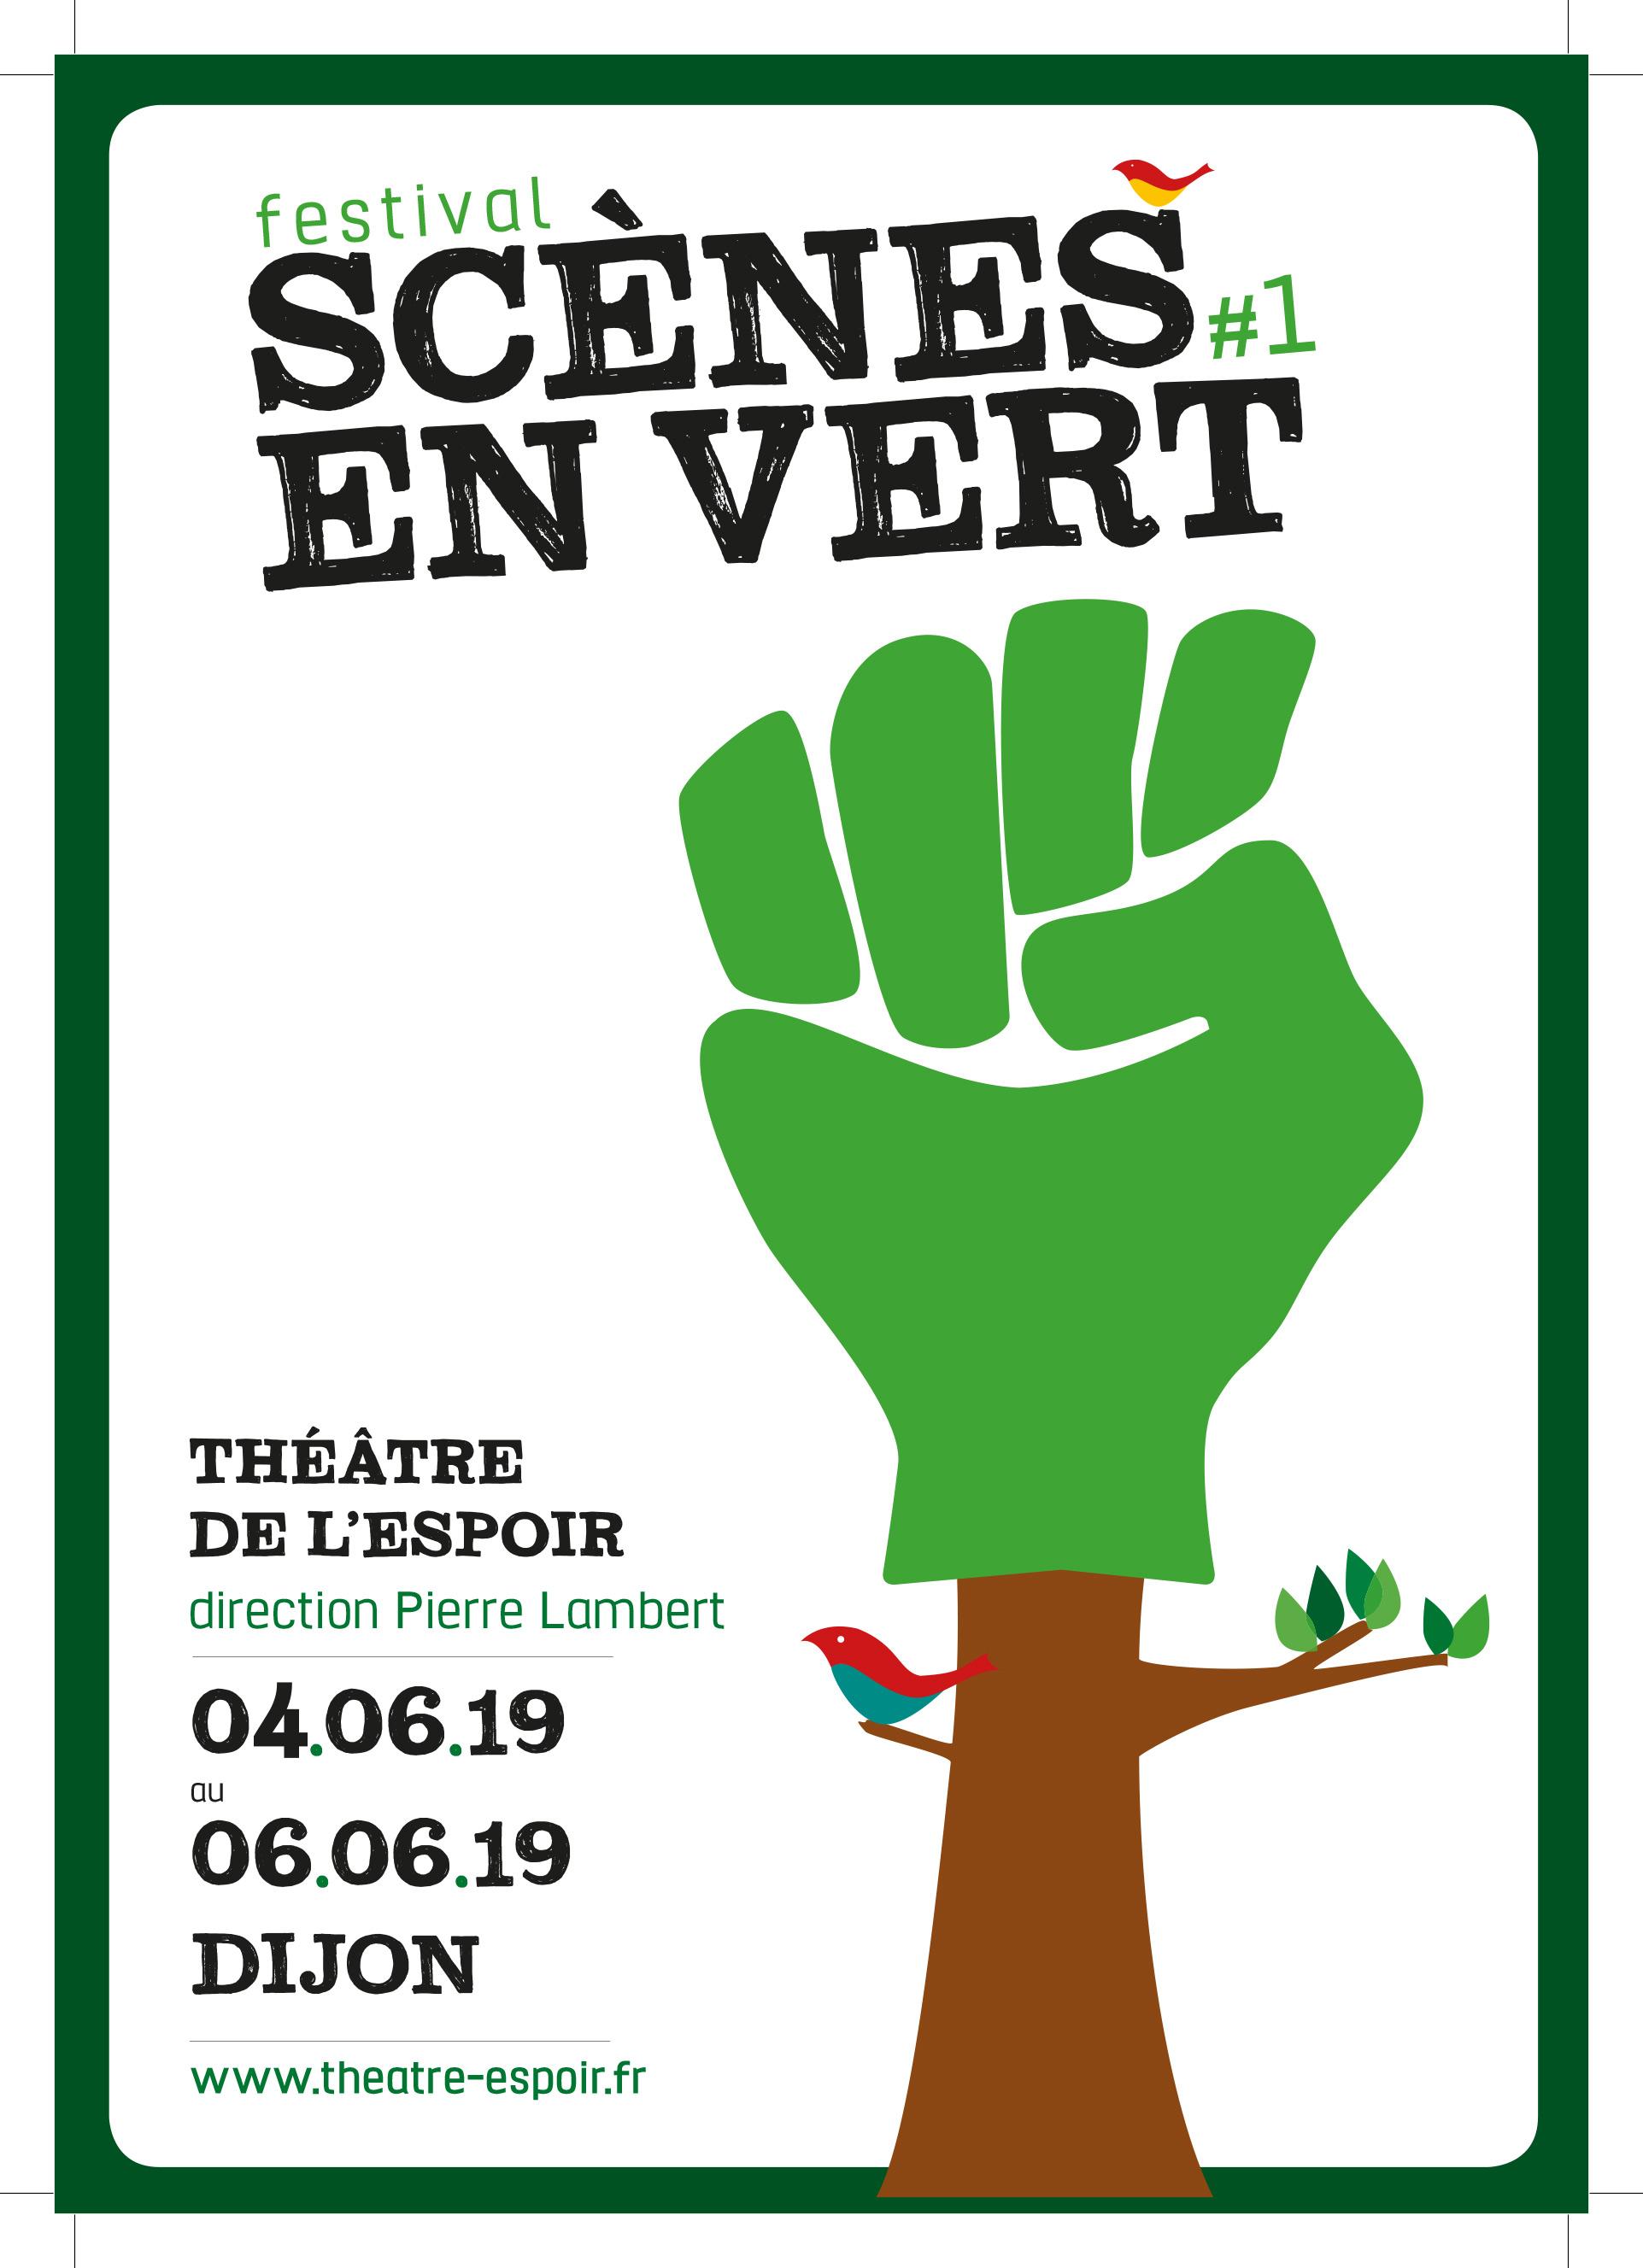 Scènes-en-vert-2019-affiche